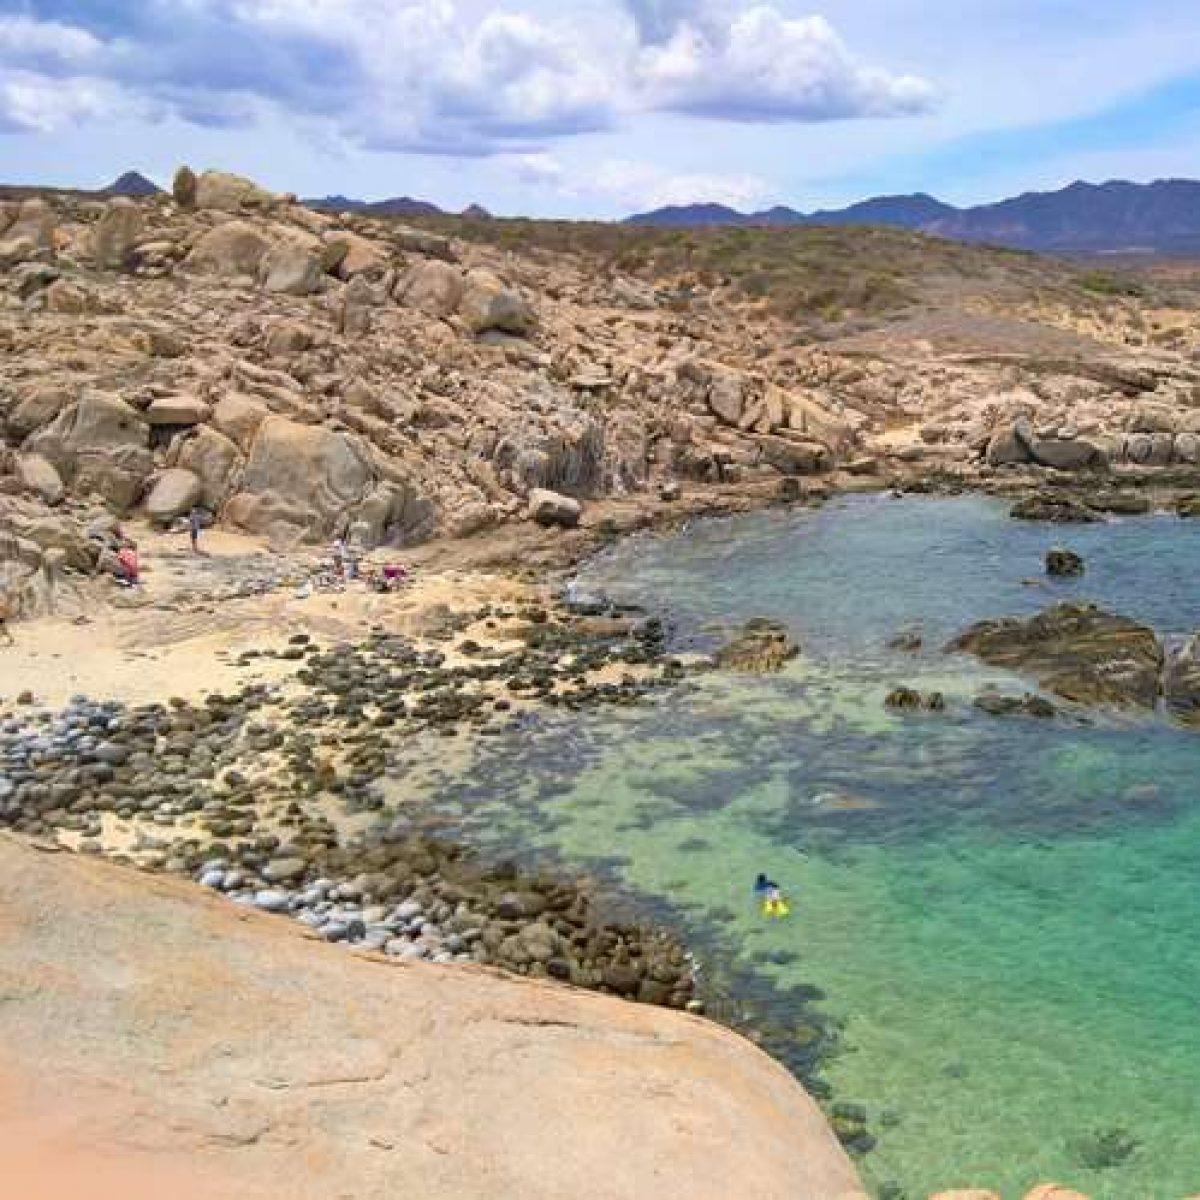 Snorkeling – Mermaid Beach